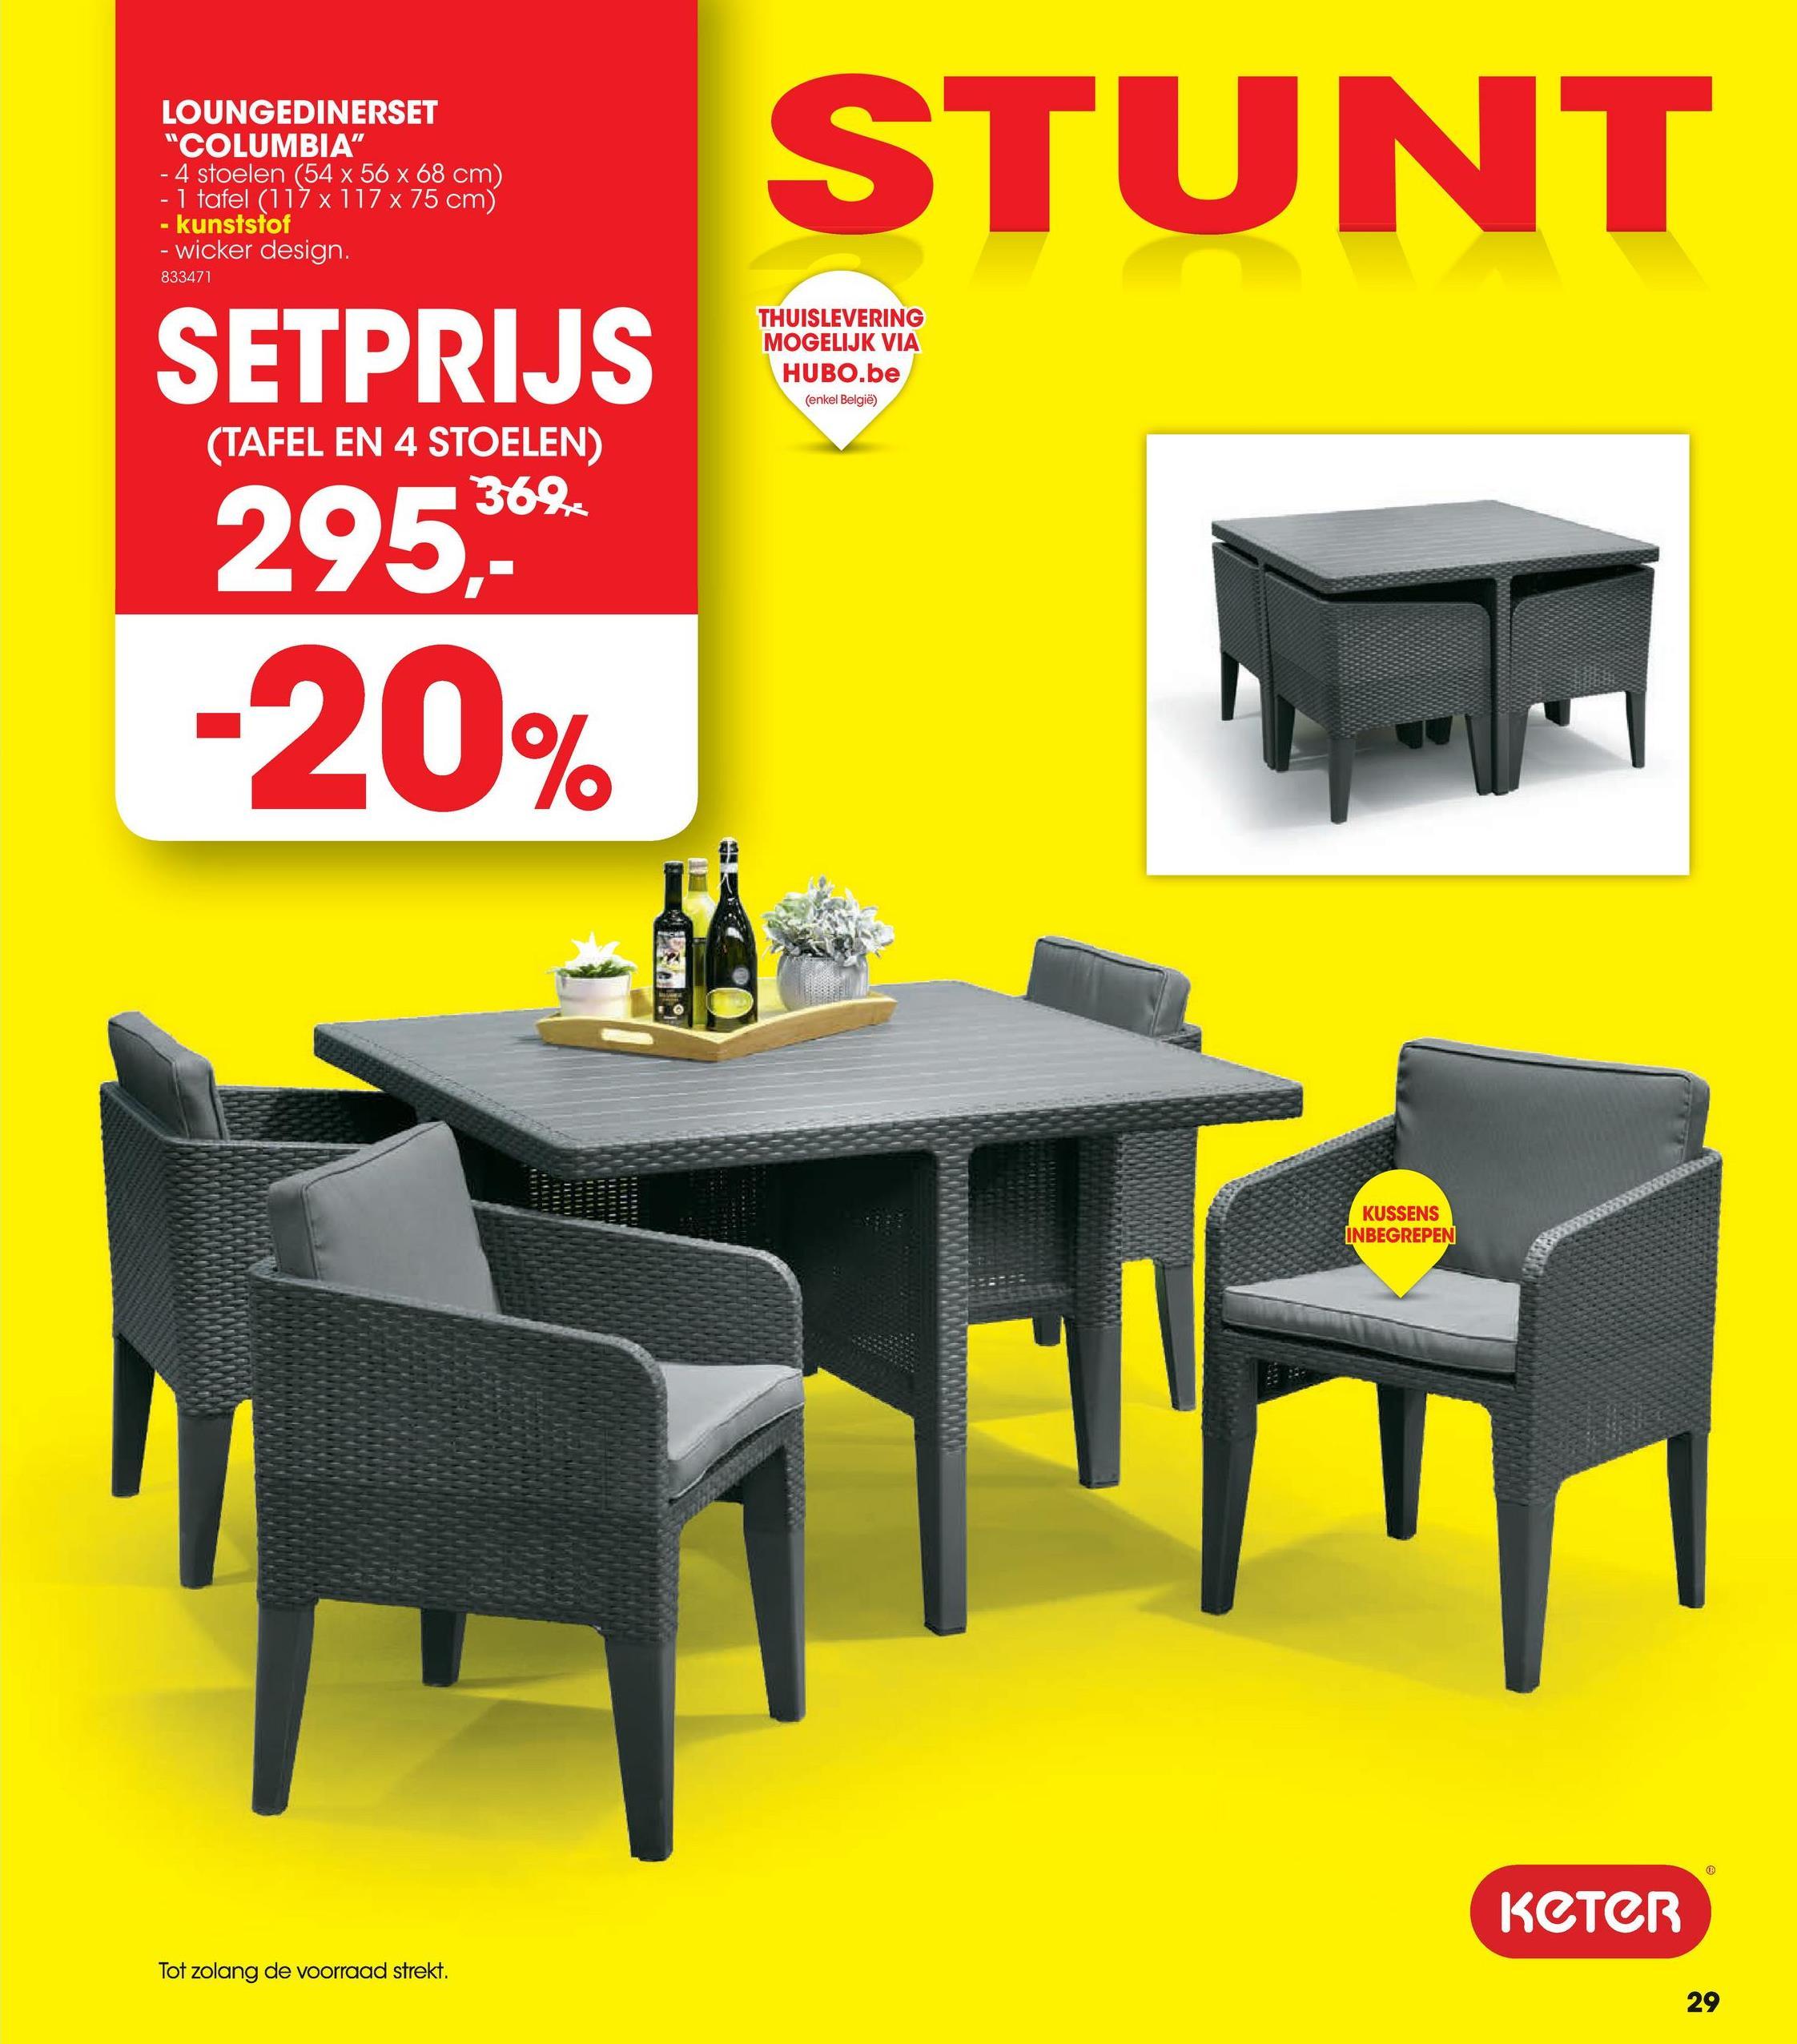 Tuinset Columbia De Columbia tuinset van Keter bestaat uit een tafel en 4 stoelen uit kunststof in de kleur grafiet. Deze weerbestendige tuinset is ruimtebesparend. De 4 meegeleverde stoelen passen perfect onder de tafel waardoor deze tuinset een minimum aan plaats inneemt wanneer je deze niet gebruikt. De set wordt geleverd inclusief zit- en rugkussens voor maximaal comfort.<ul><li>Afmetingen tafel: 117x117x75 cm</li><li>Afmetingen stoelen: 56x54x68 cm</li></ul>